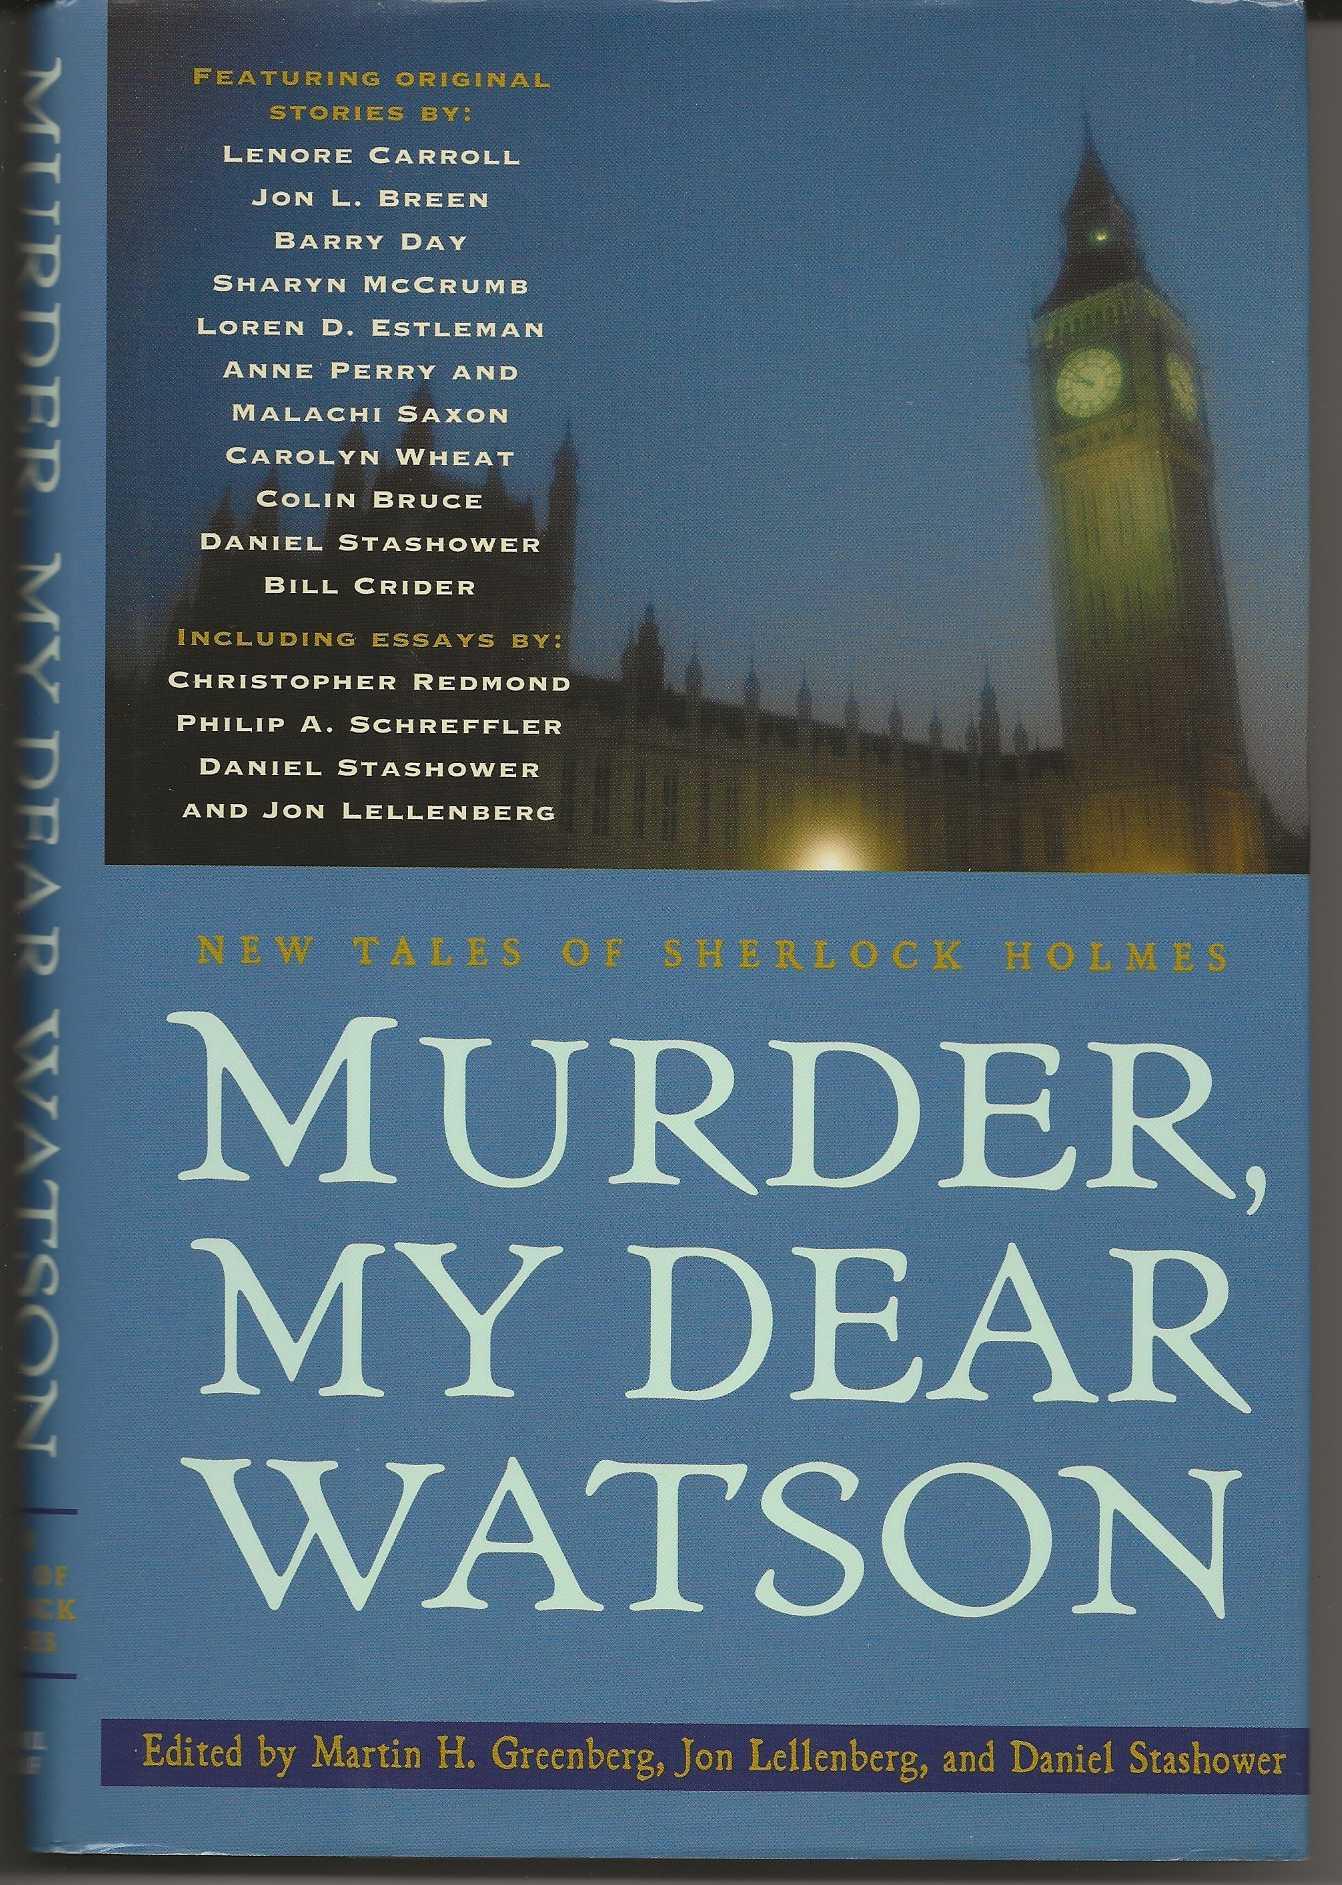 Image for MURDER, MY DEAR WATSON:  New Tales of Sherlock Holmes